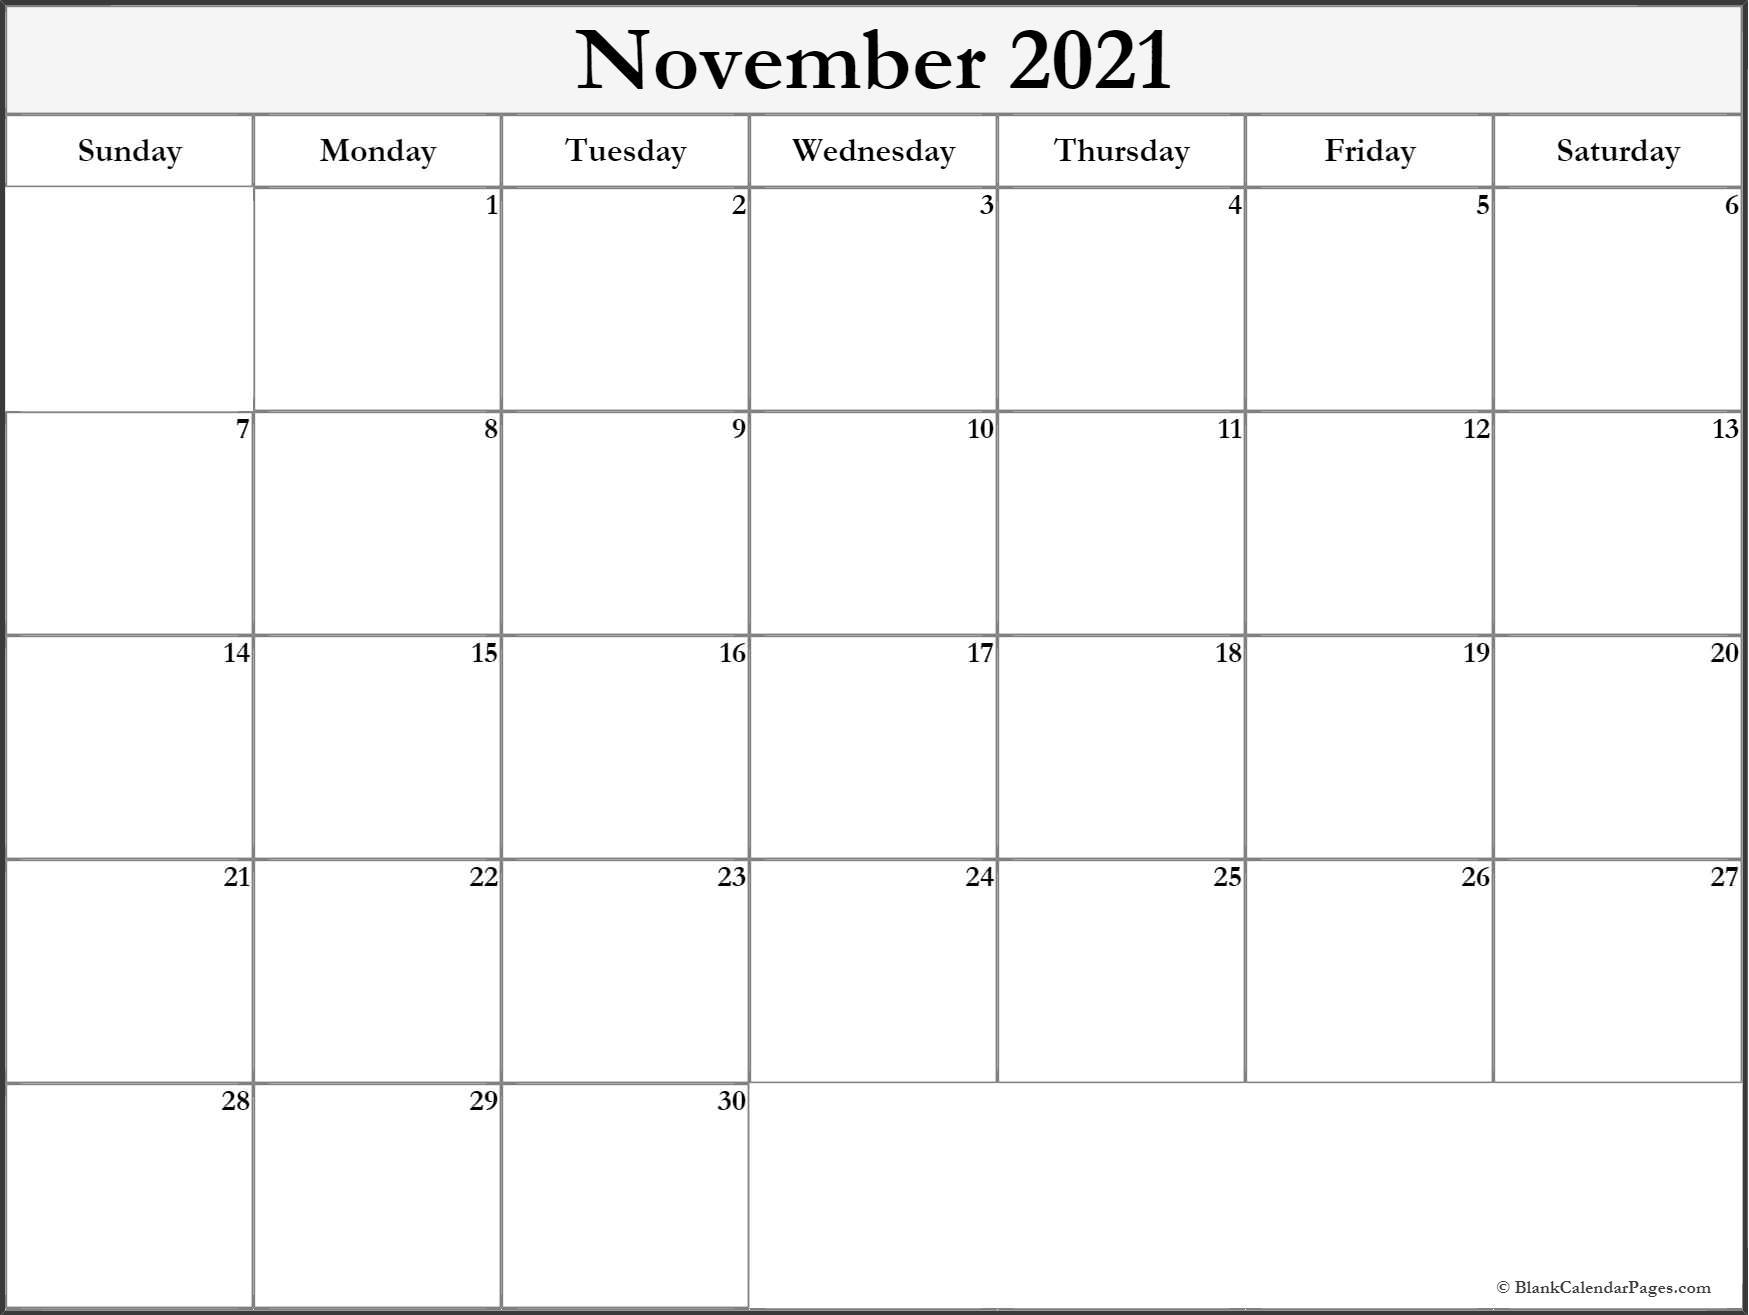 November 2021 Blank Calendar Templates